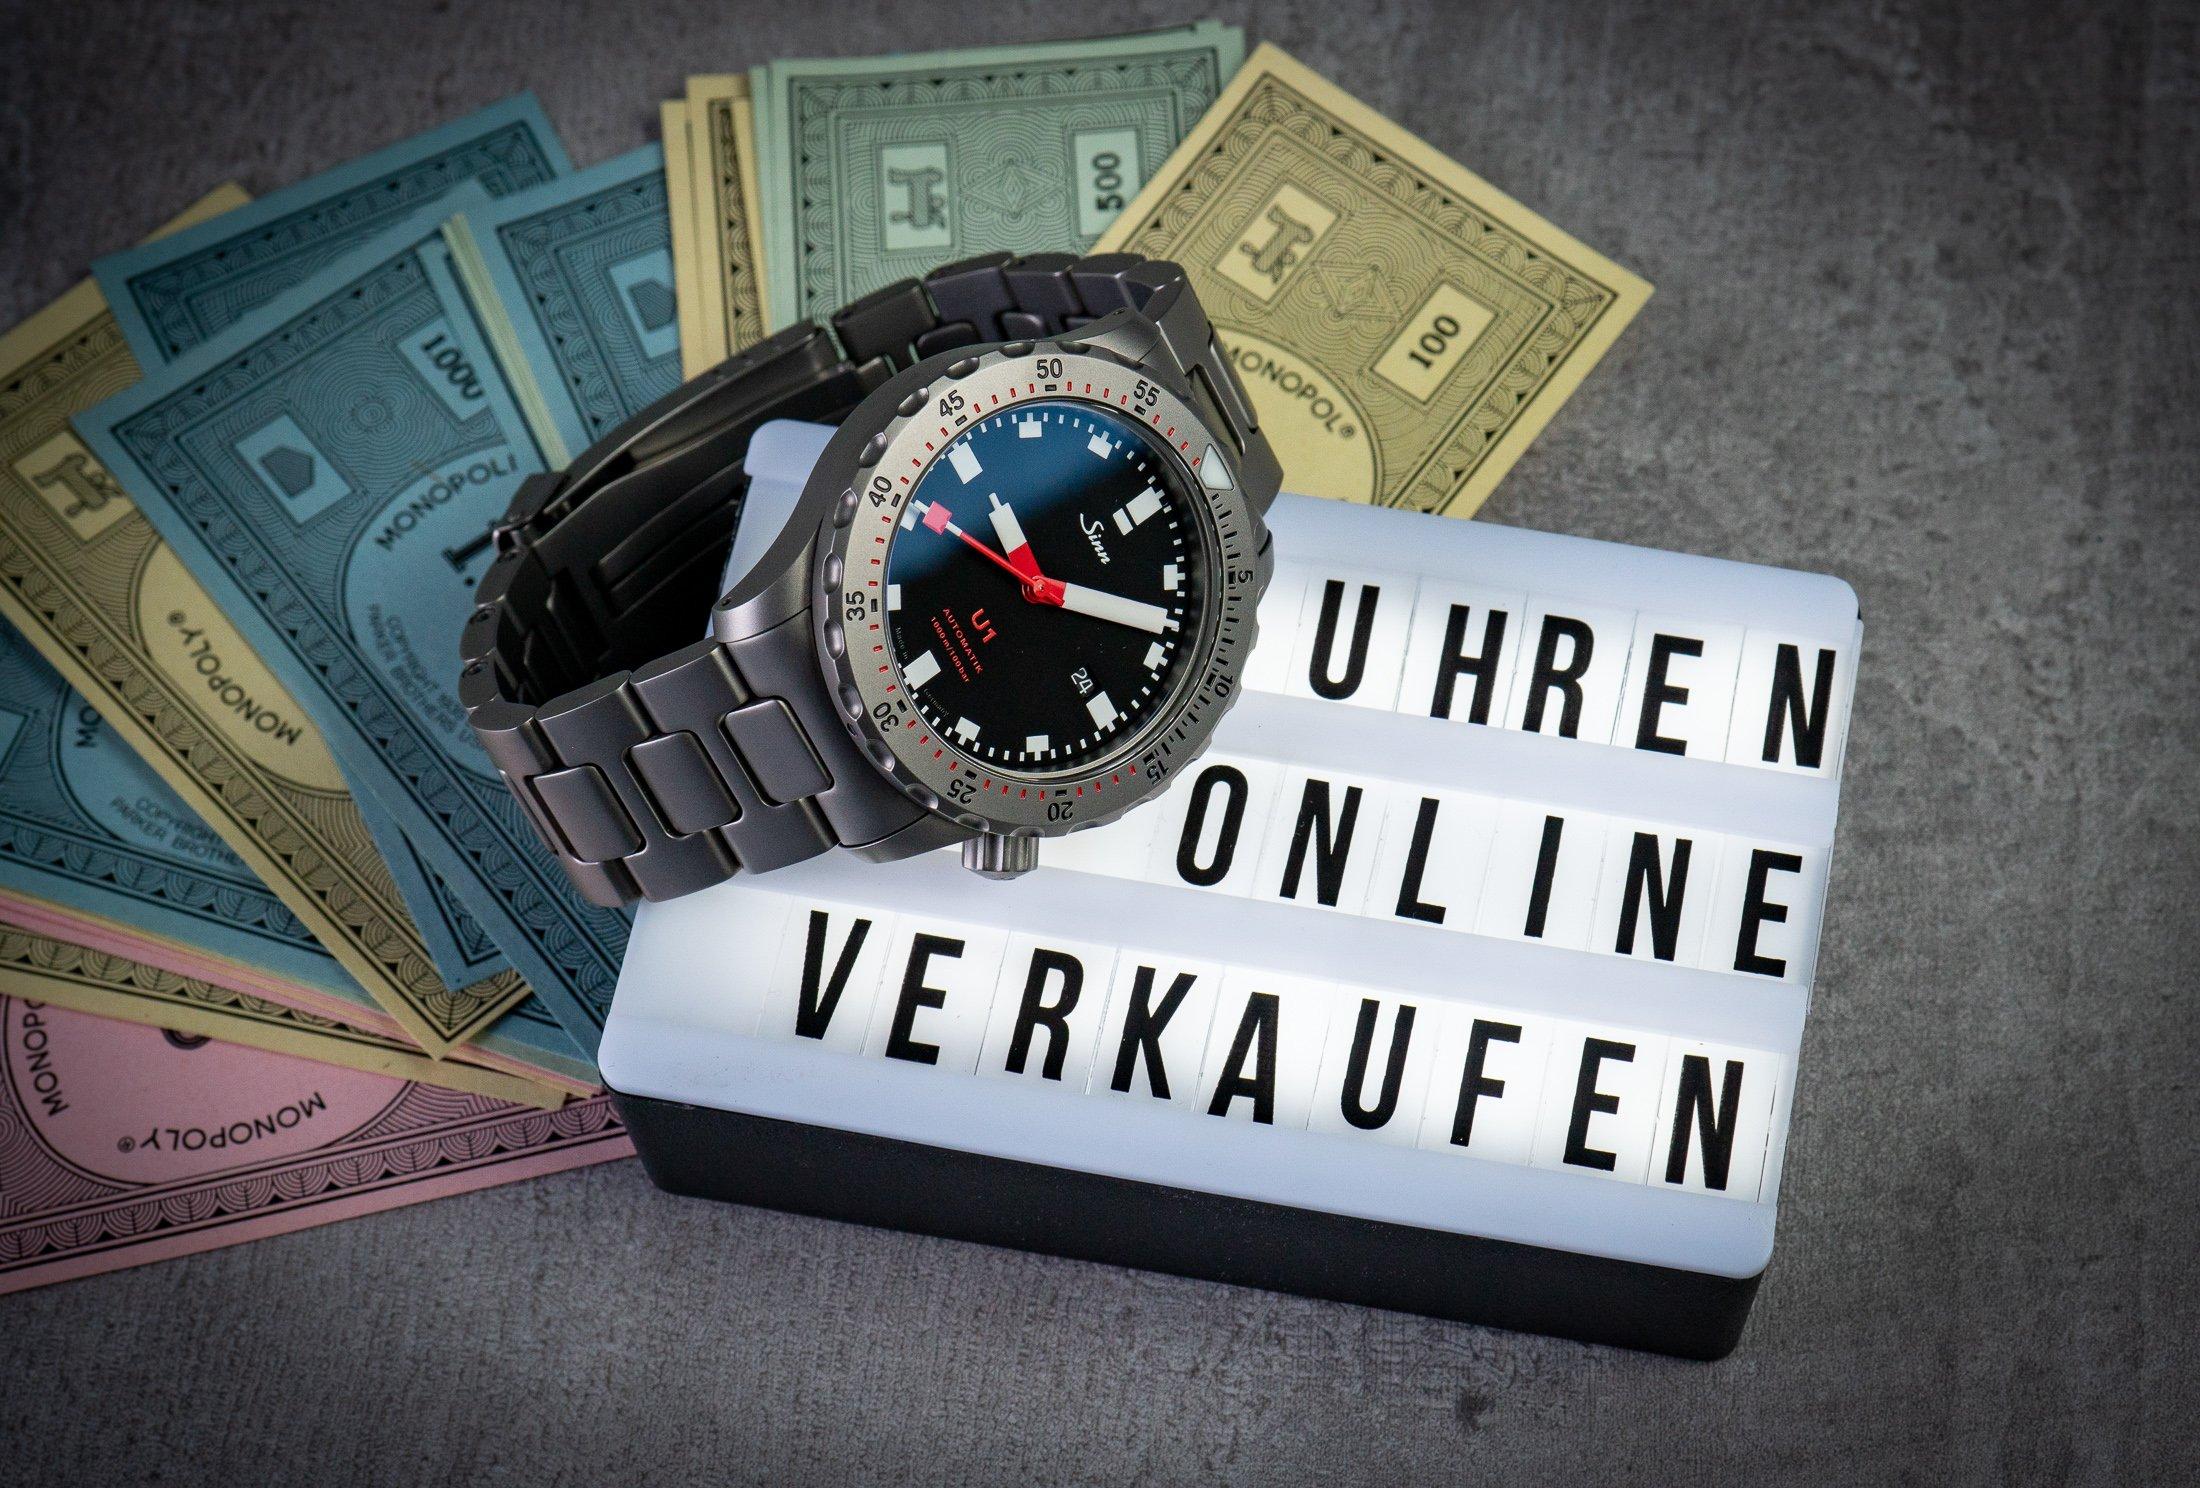 Read more about the article Uhren online verkaufen: Praxisleitfaden – von privat an privat und Ankauf über Händler